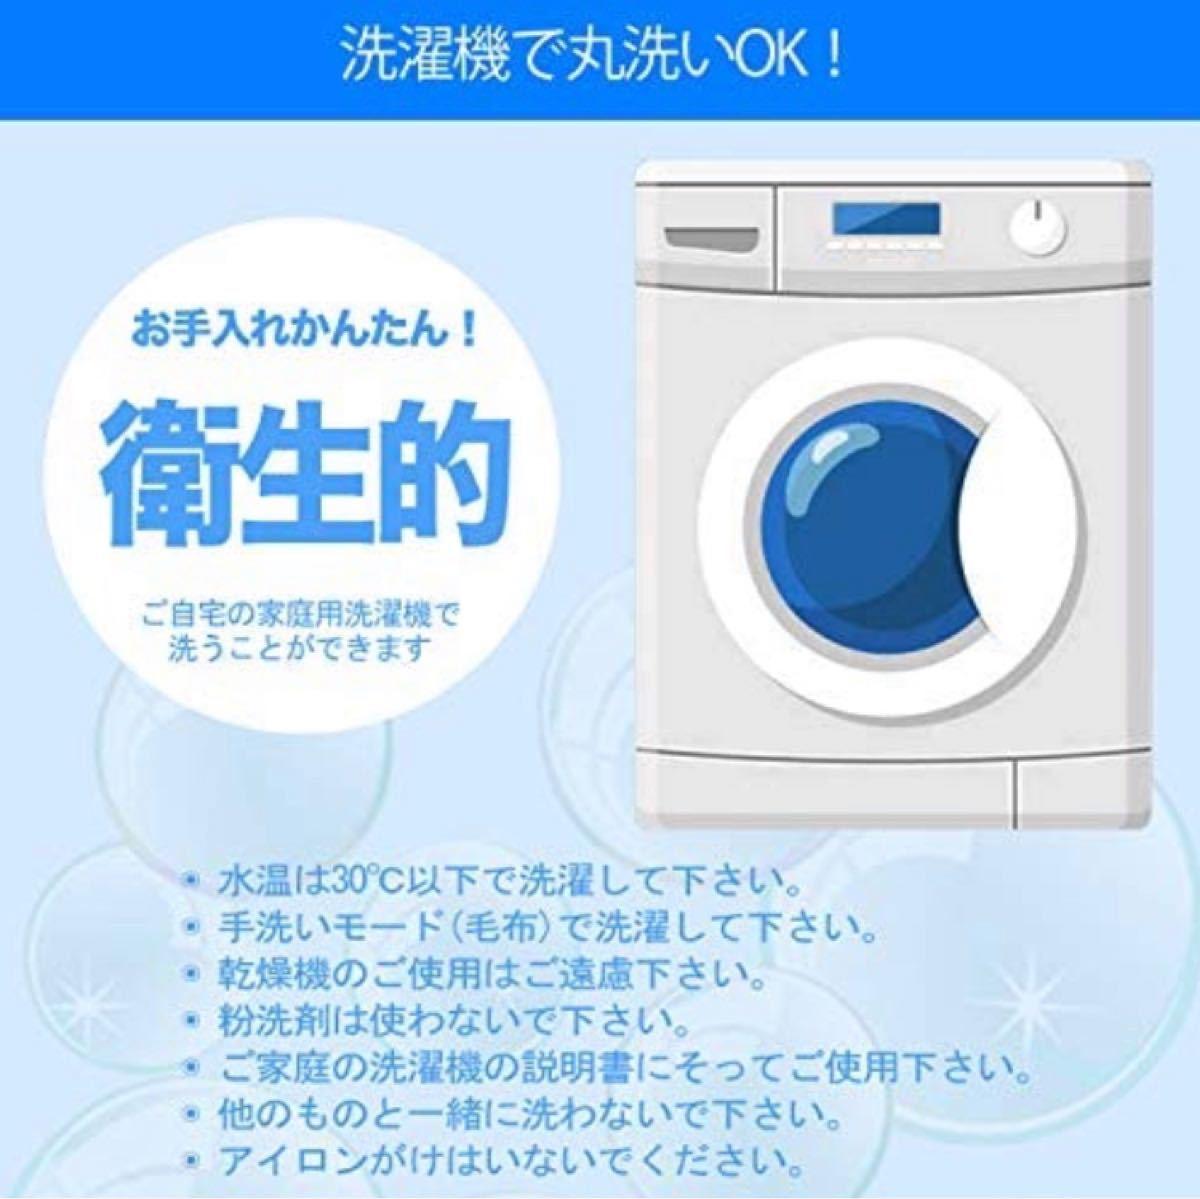 寝袋シュラフ 封筒型 丸洗い抗菌使用 最低使用温度-10°C ダークグリーン 3点セット